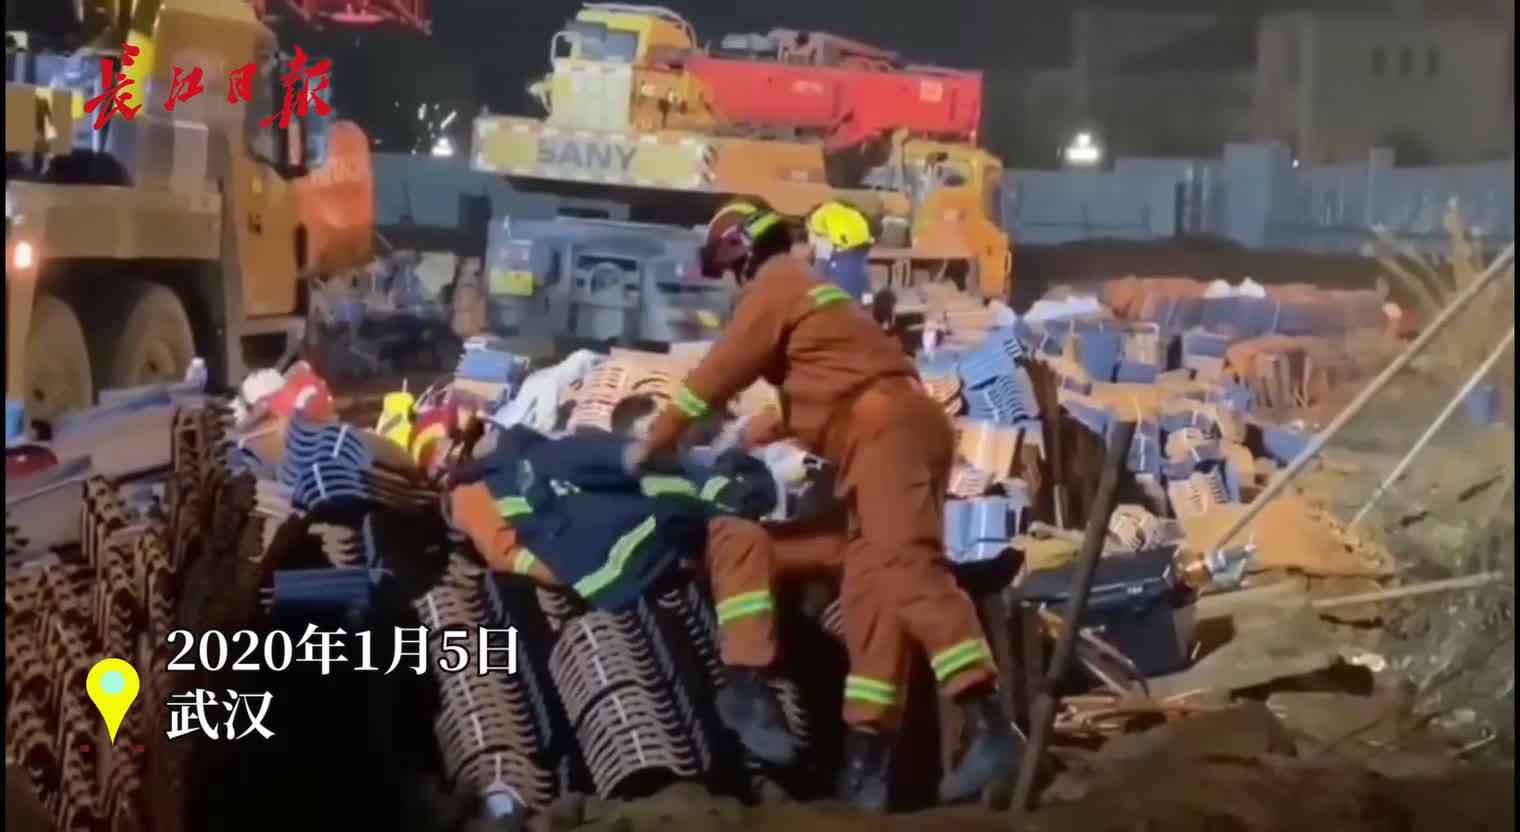 12个小时救援后,年轻的消防员脱下衣服给熟睡的战友盖上